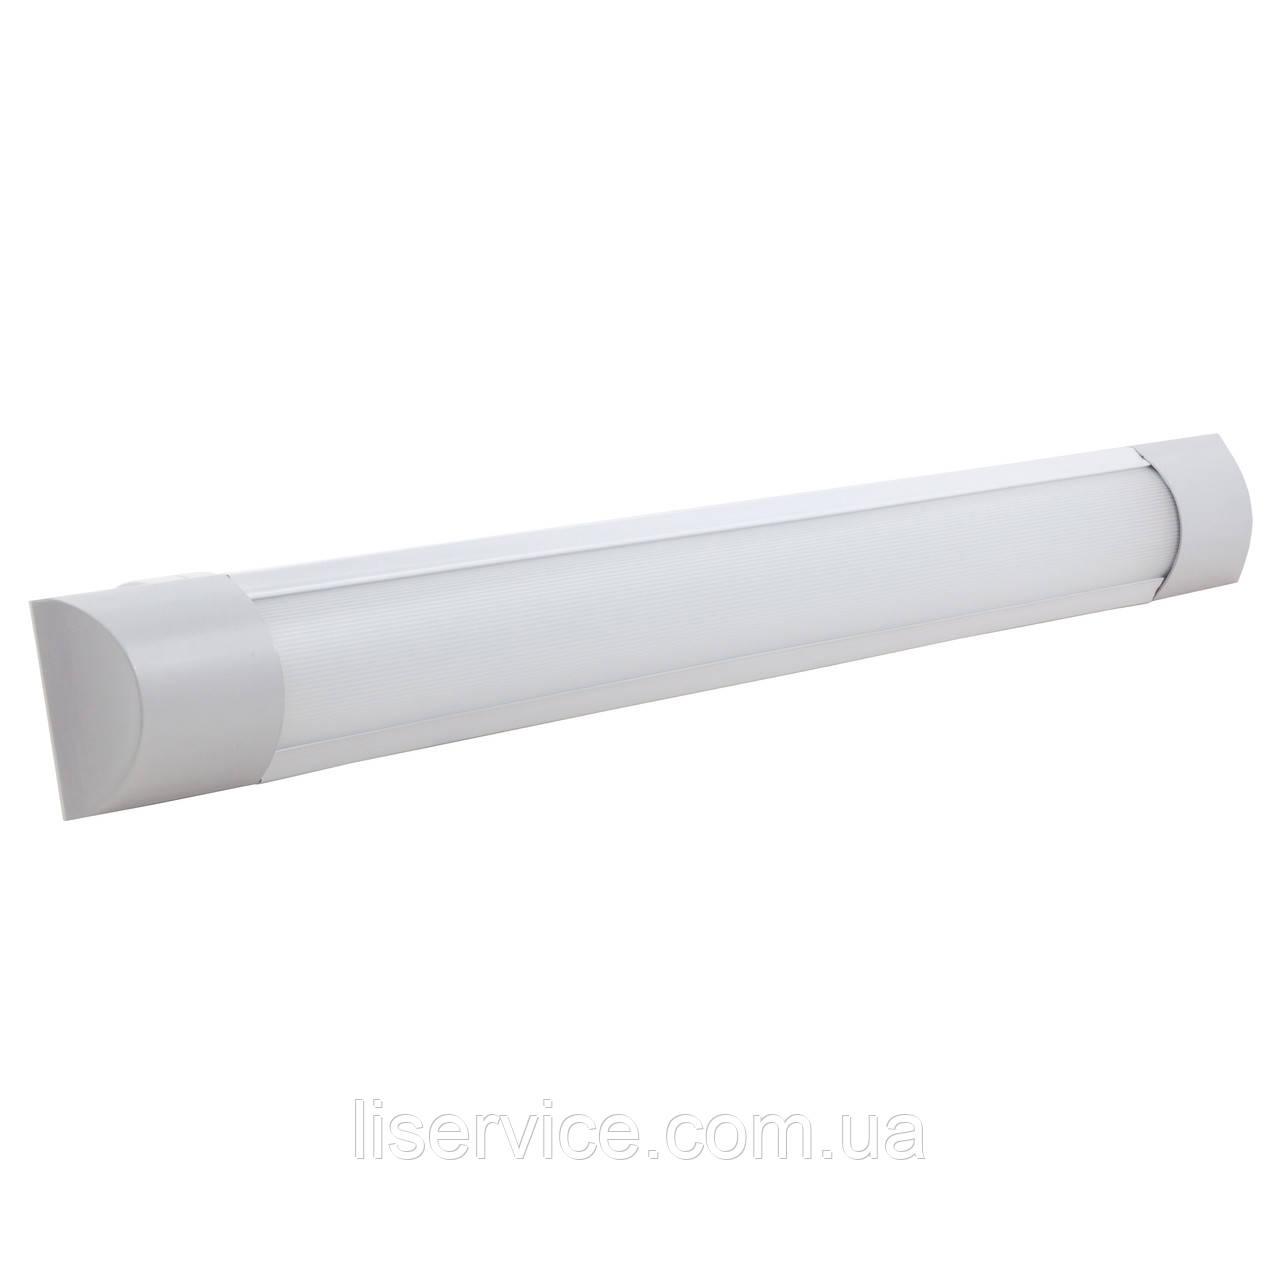 Светильник светодиодный EV-HX-18 18Вт 6400К 1350Lm IP20